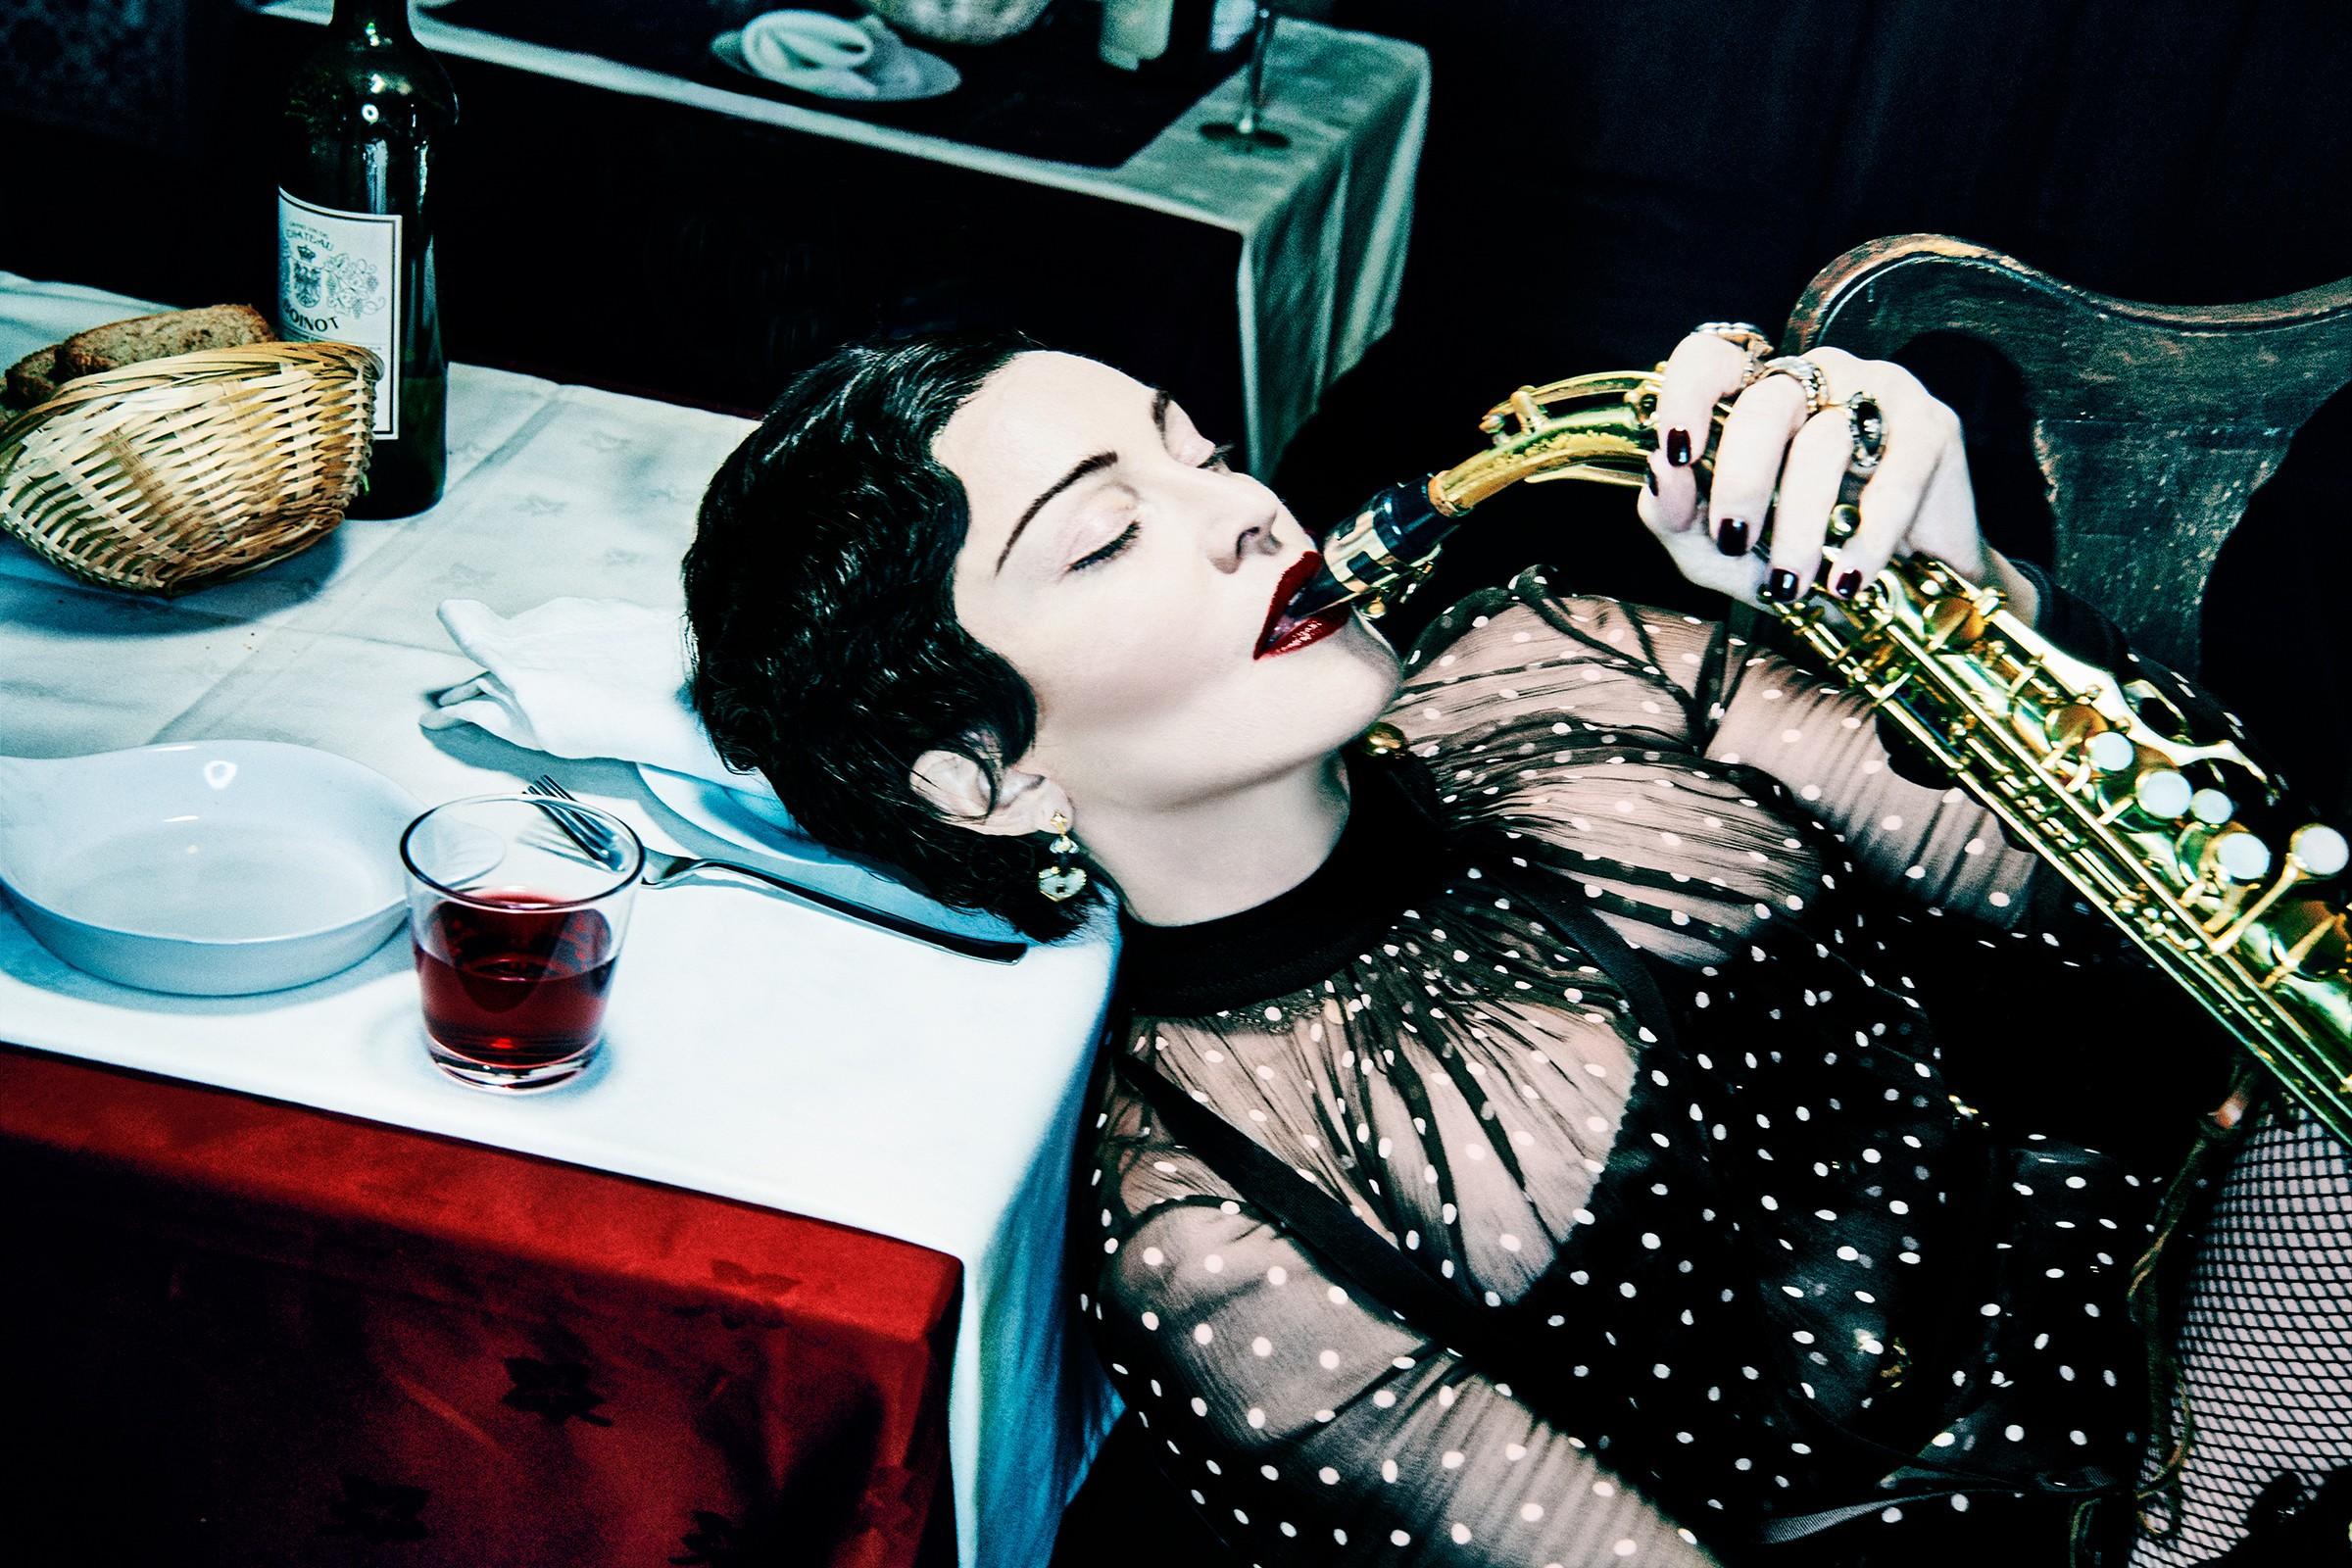 Crítica: Do fado ao funk, Madonna se renova (e surpreende) em Madame X